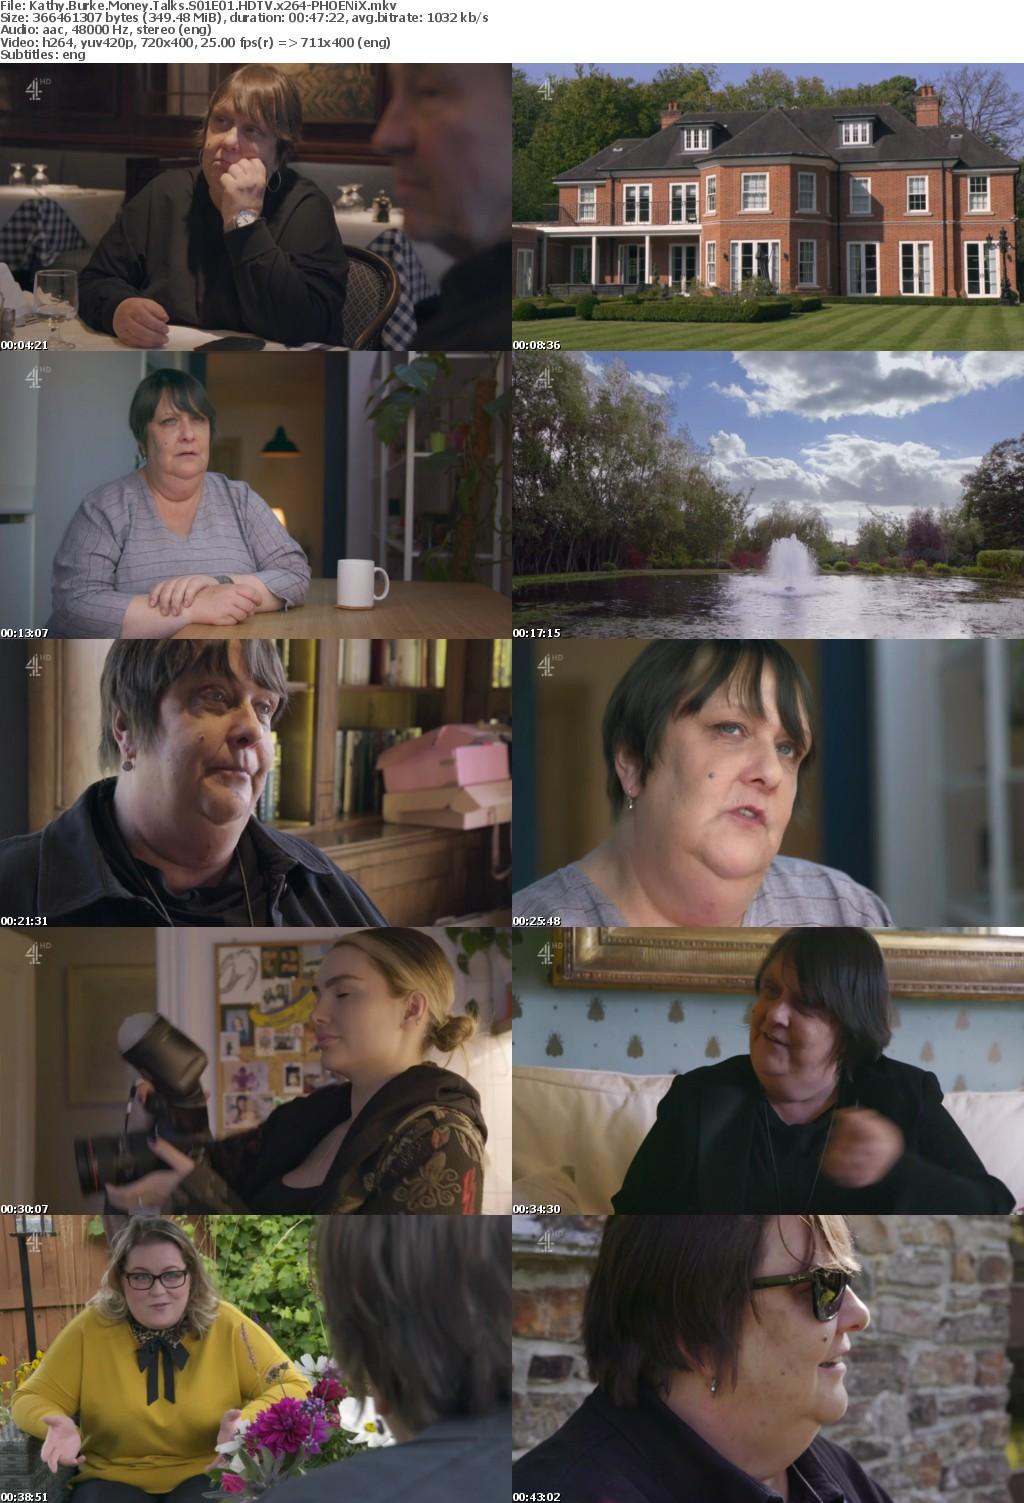 Kathy Burke Money Talks S01E01 HDTV x264-PHOENiX